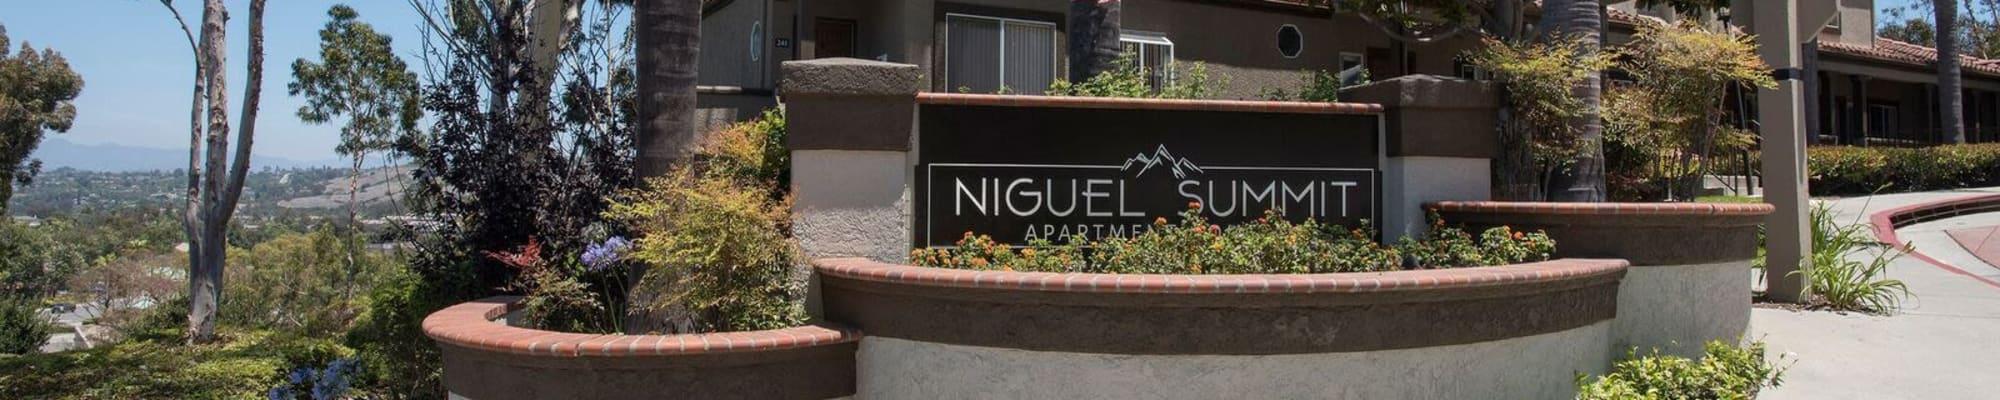 Photo gallery at Niguel Summit Condominium Rentals in Laguna Niguel, California